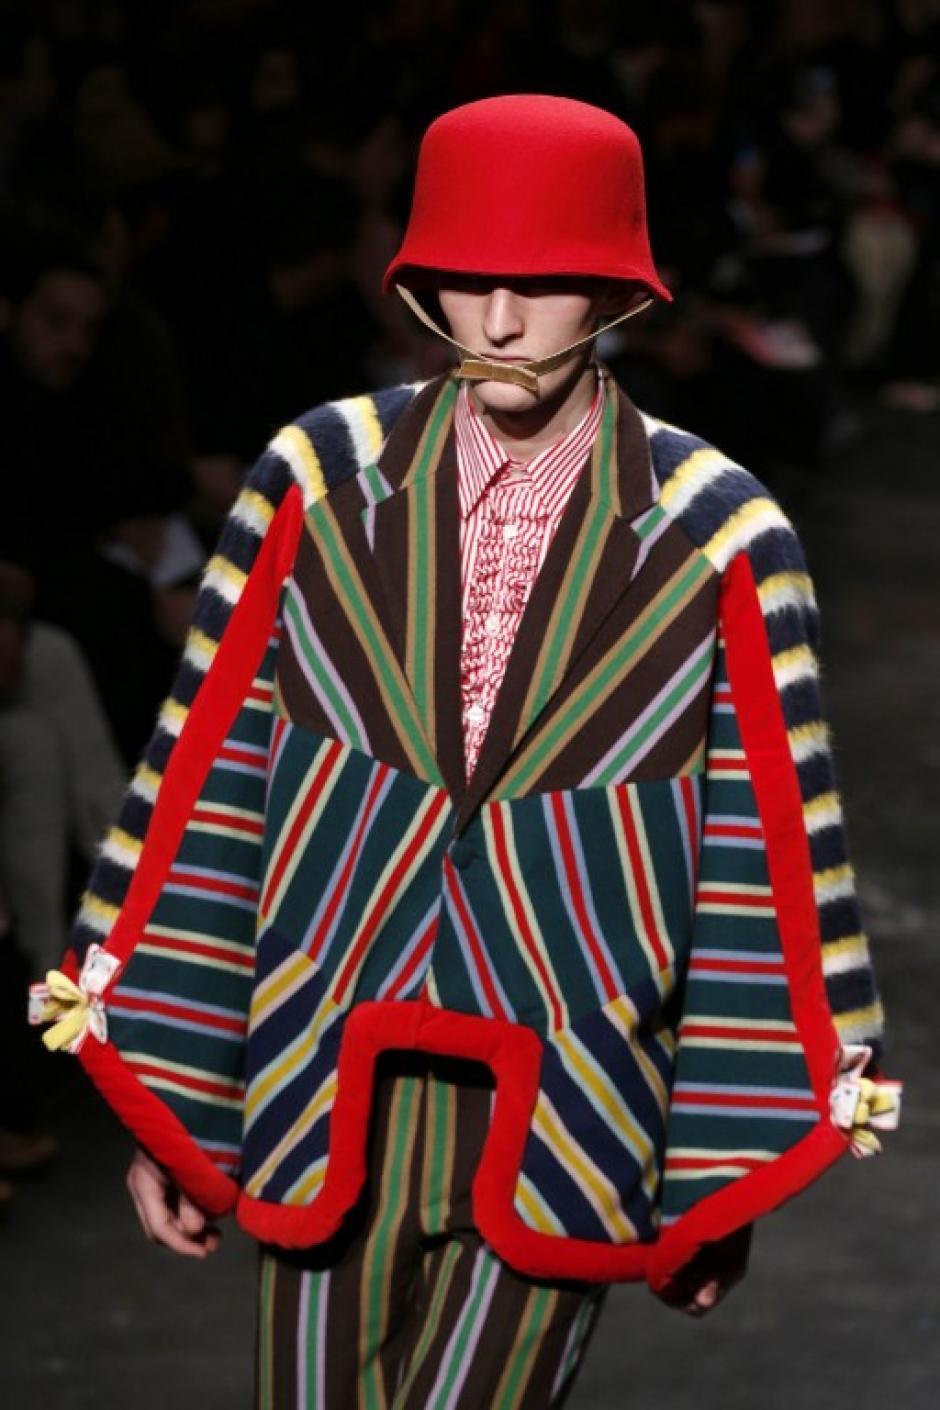 El diseñador belga Walter Van Beirendonck usó tonos coloridos para su nueva colección.